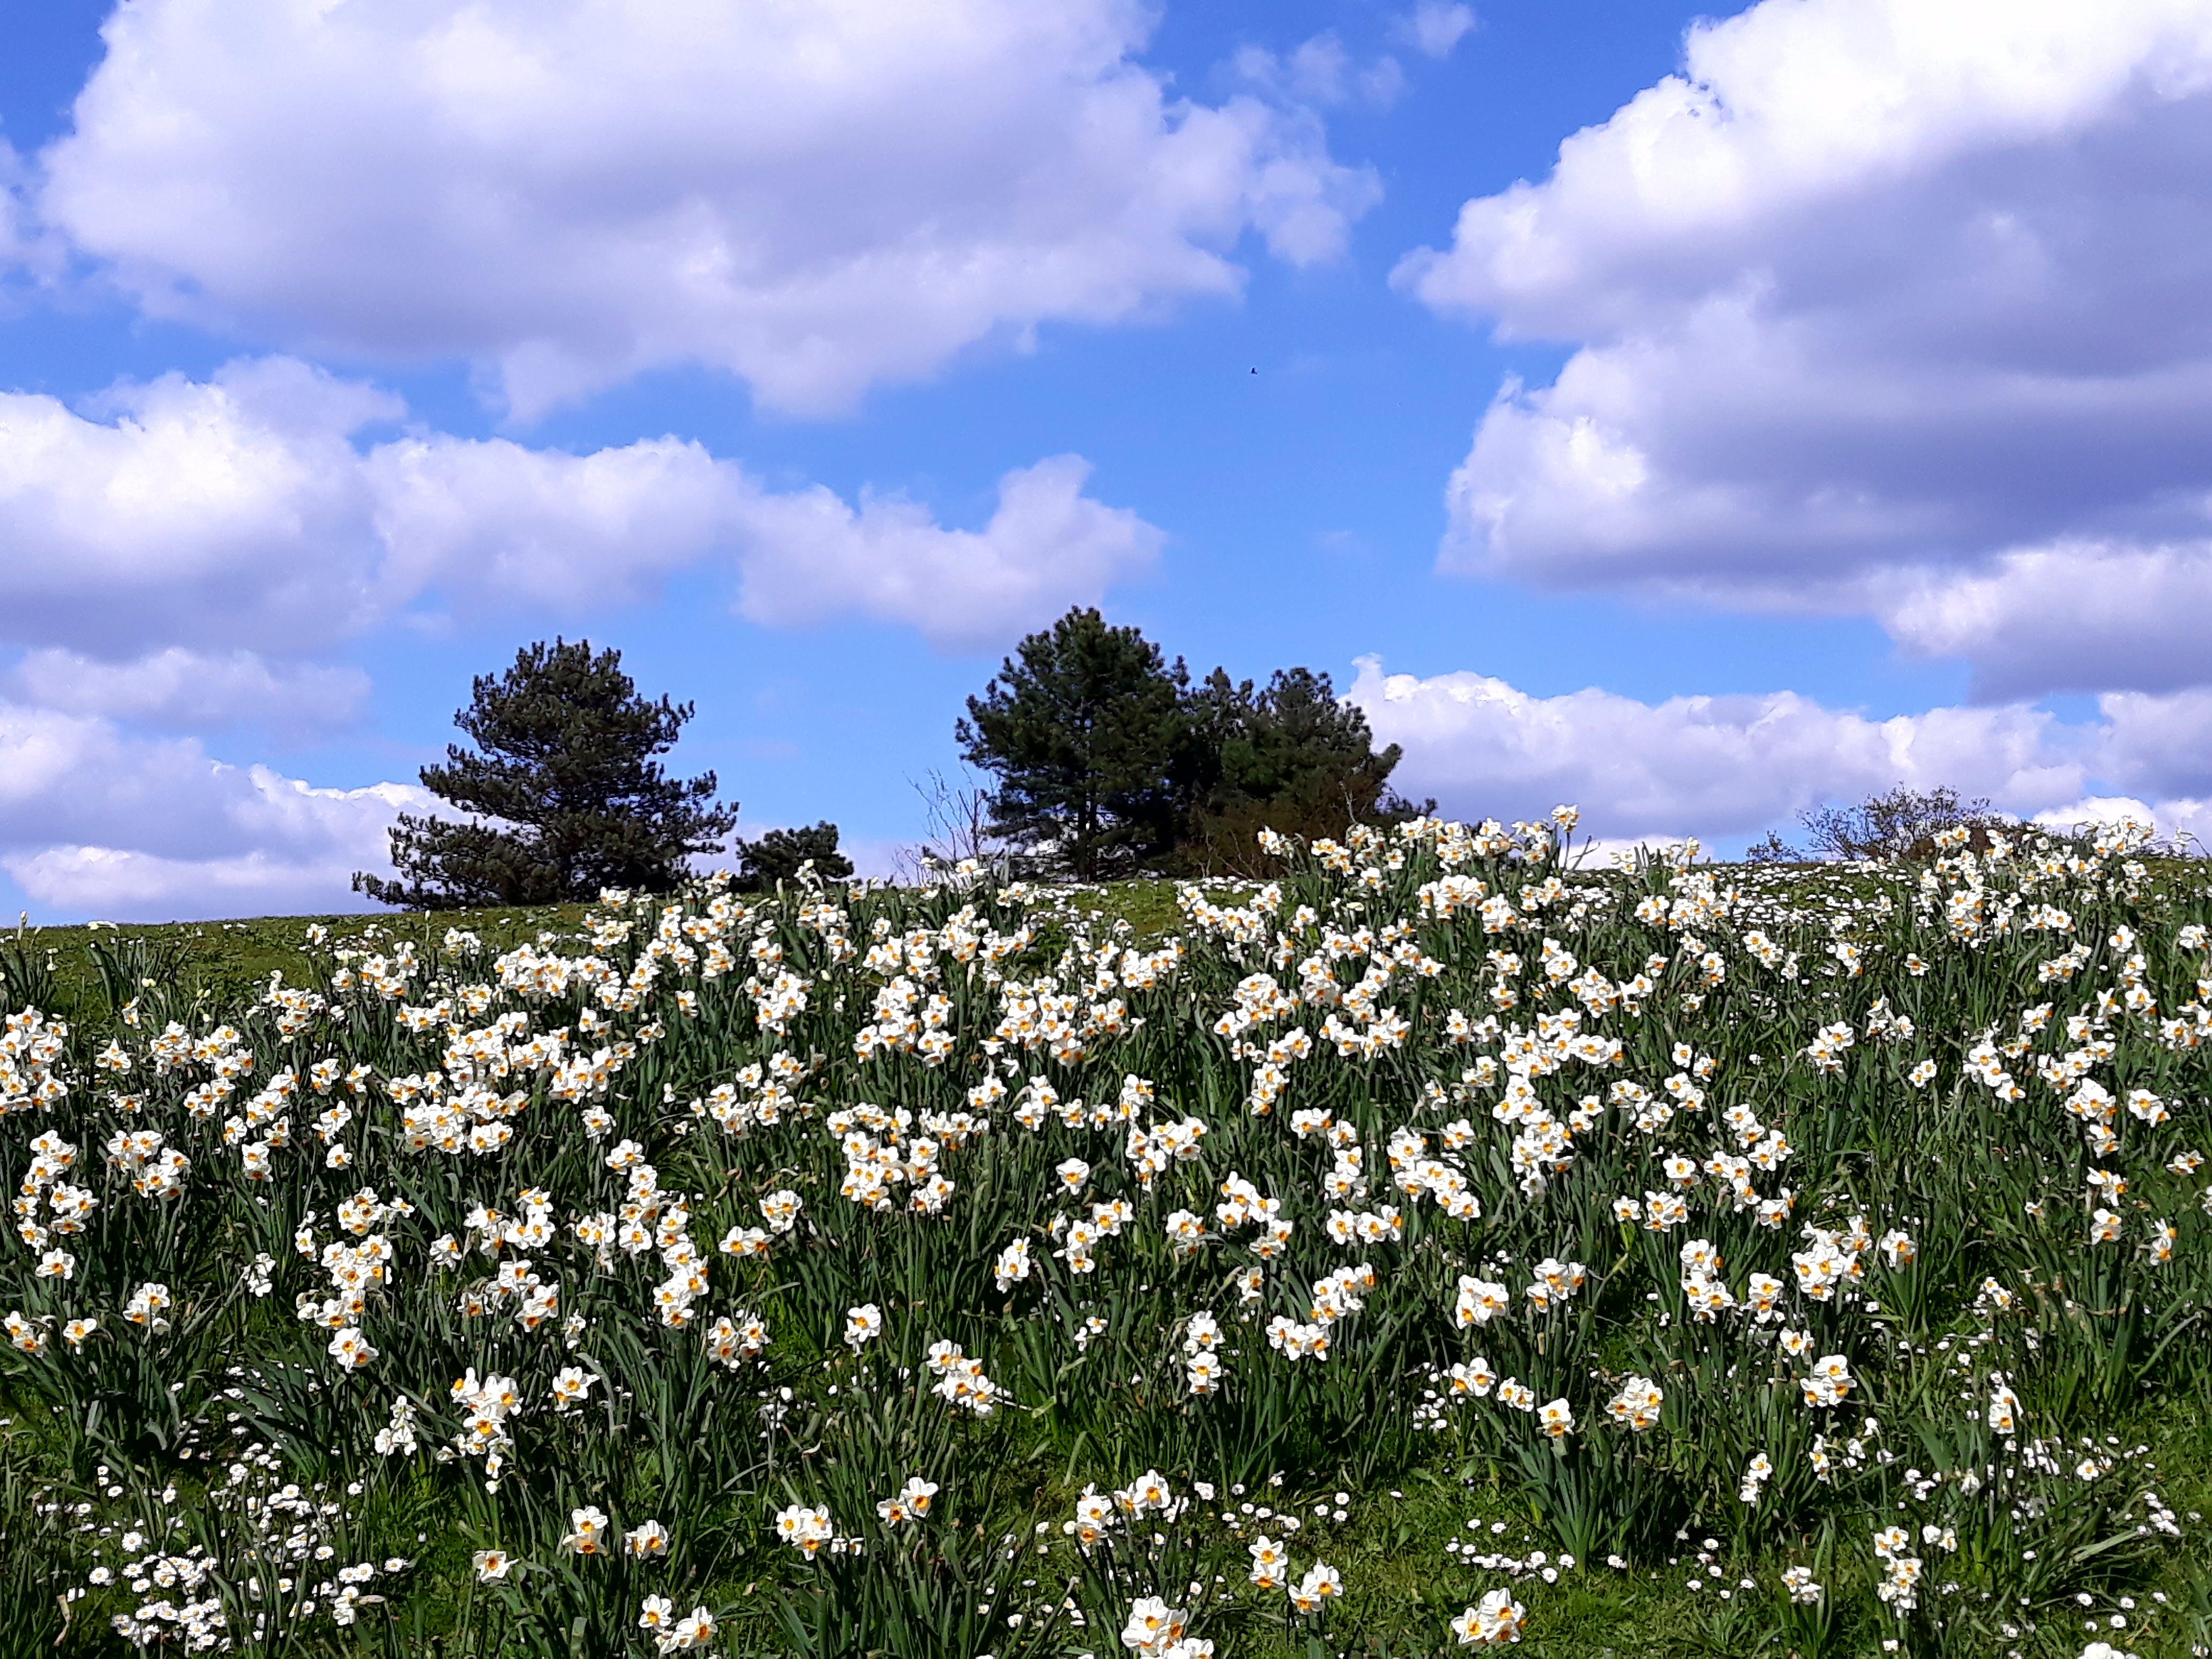 parc floral02.jpg